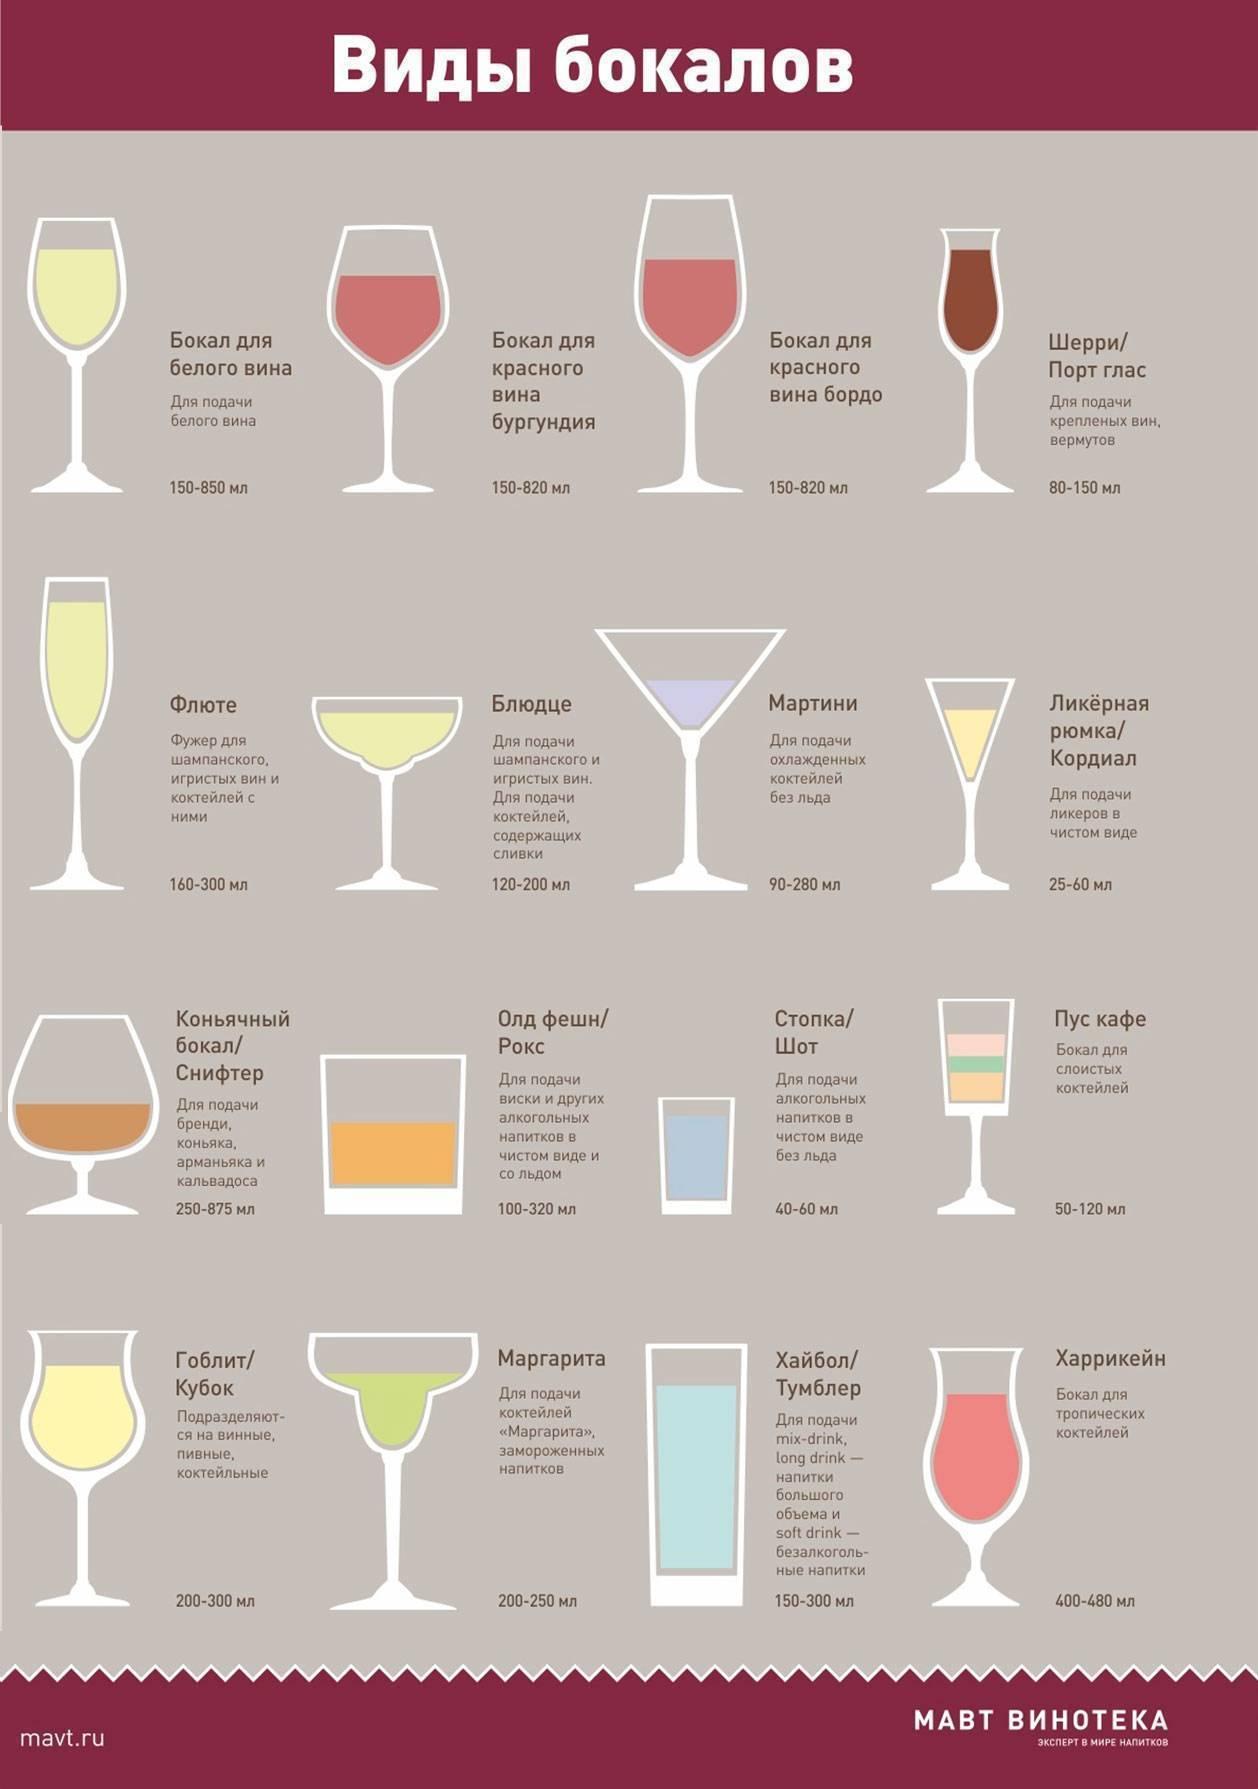 Классификация алкогольных коктейлей по группам - ваше здоровье